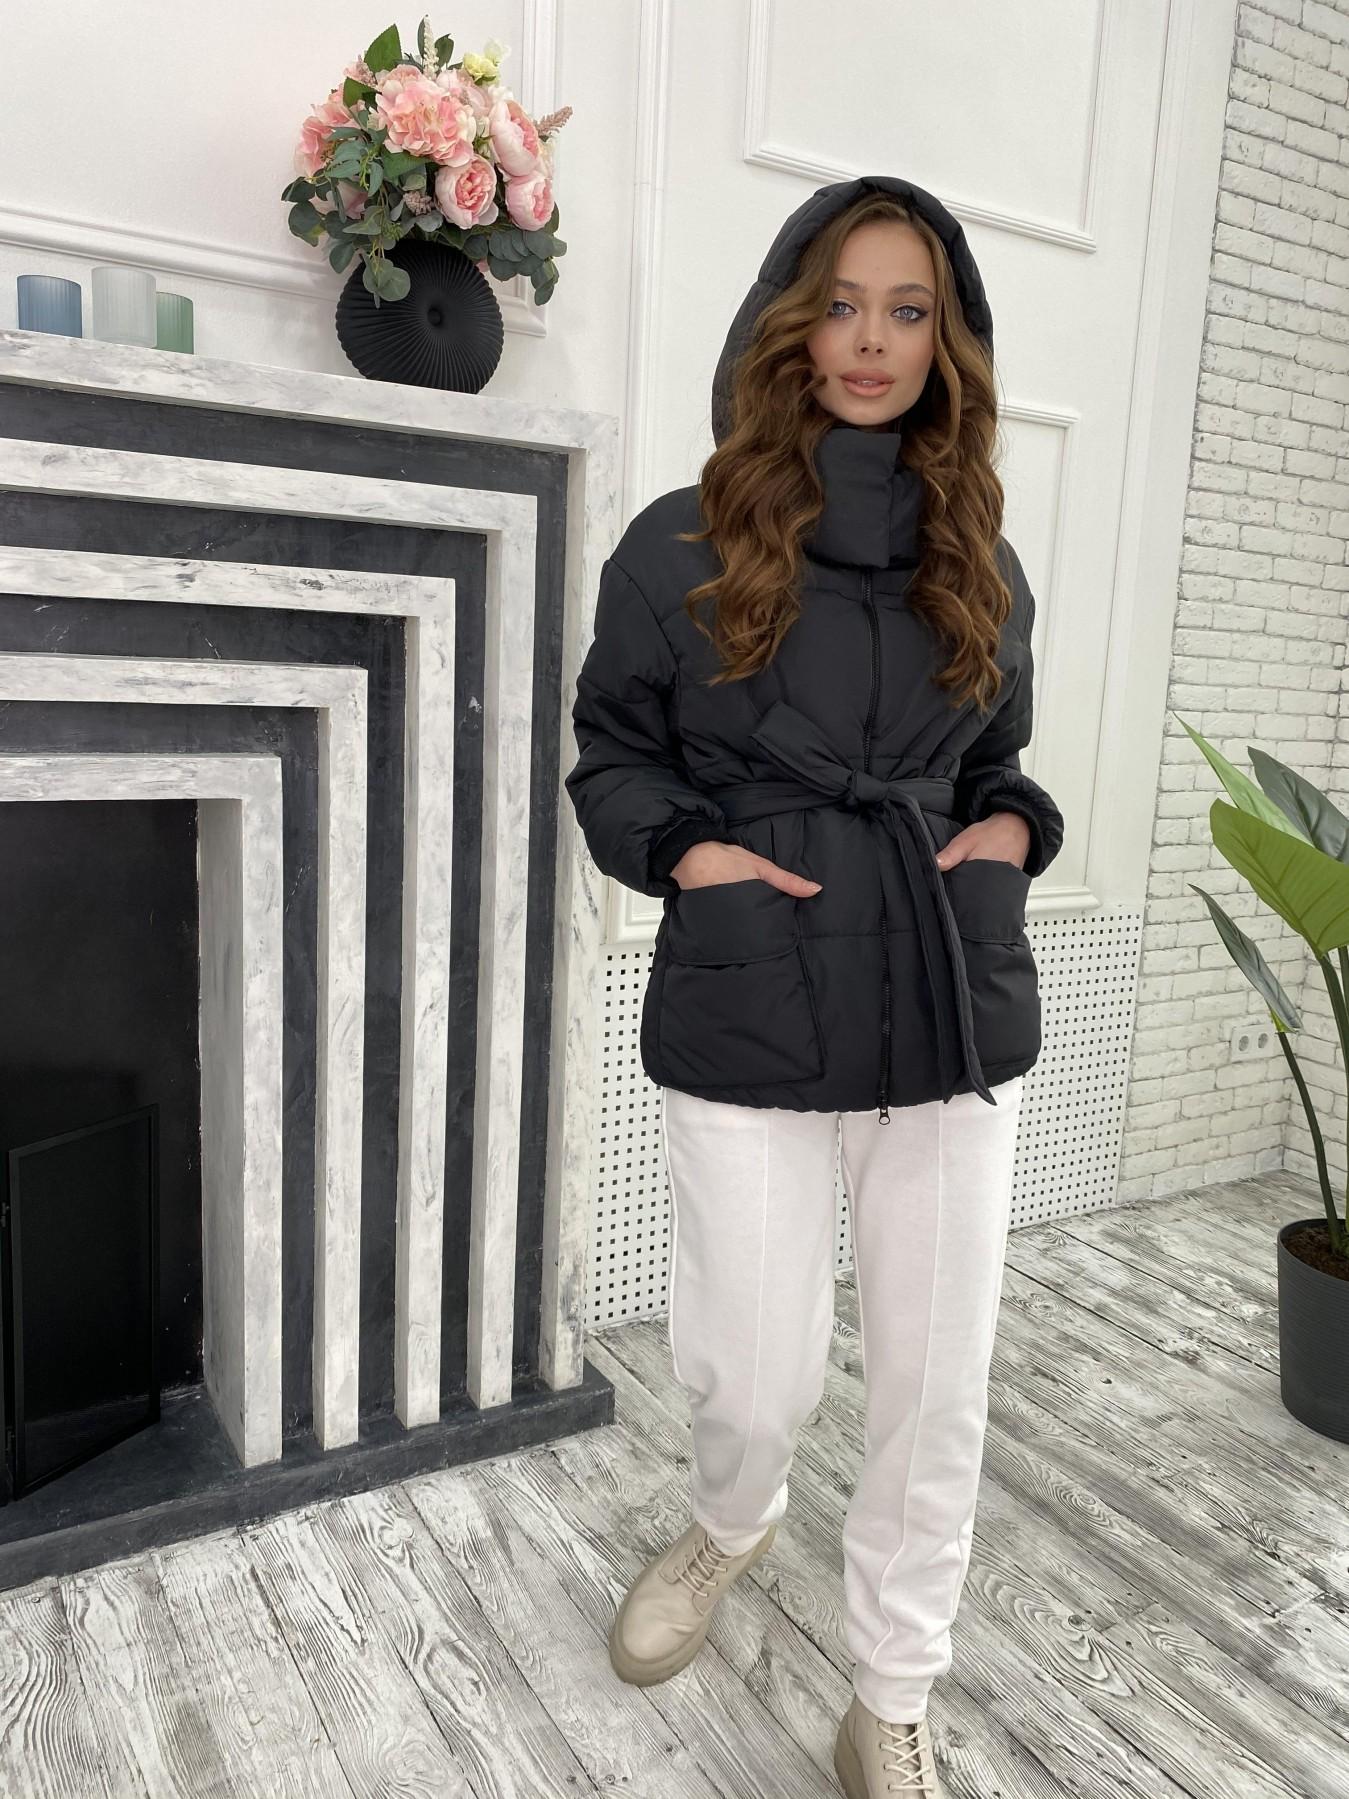 Док куртка из  плащевки Ammy 10822 АРТ. 47299 Цвет: Черный - фото 5, интернет магазин tm-modus.ru